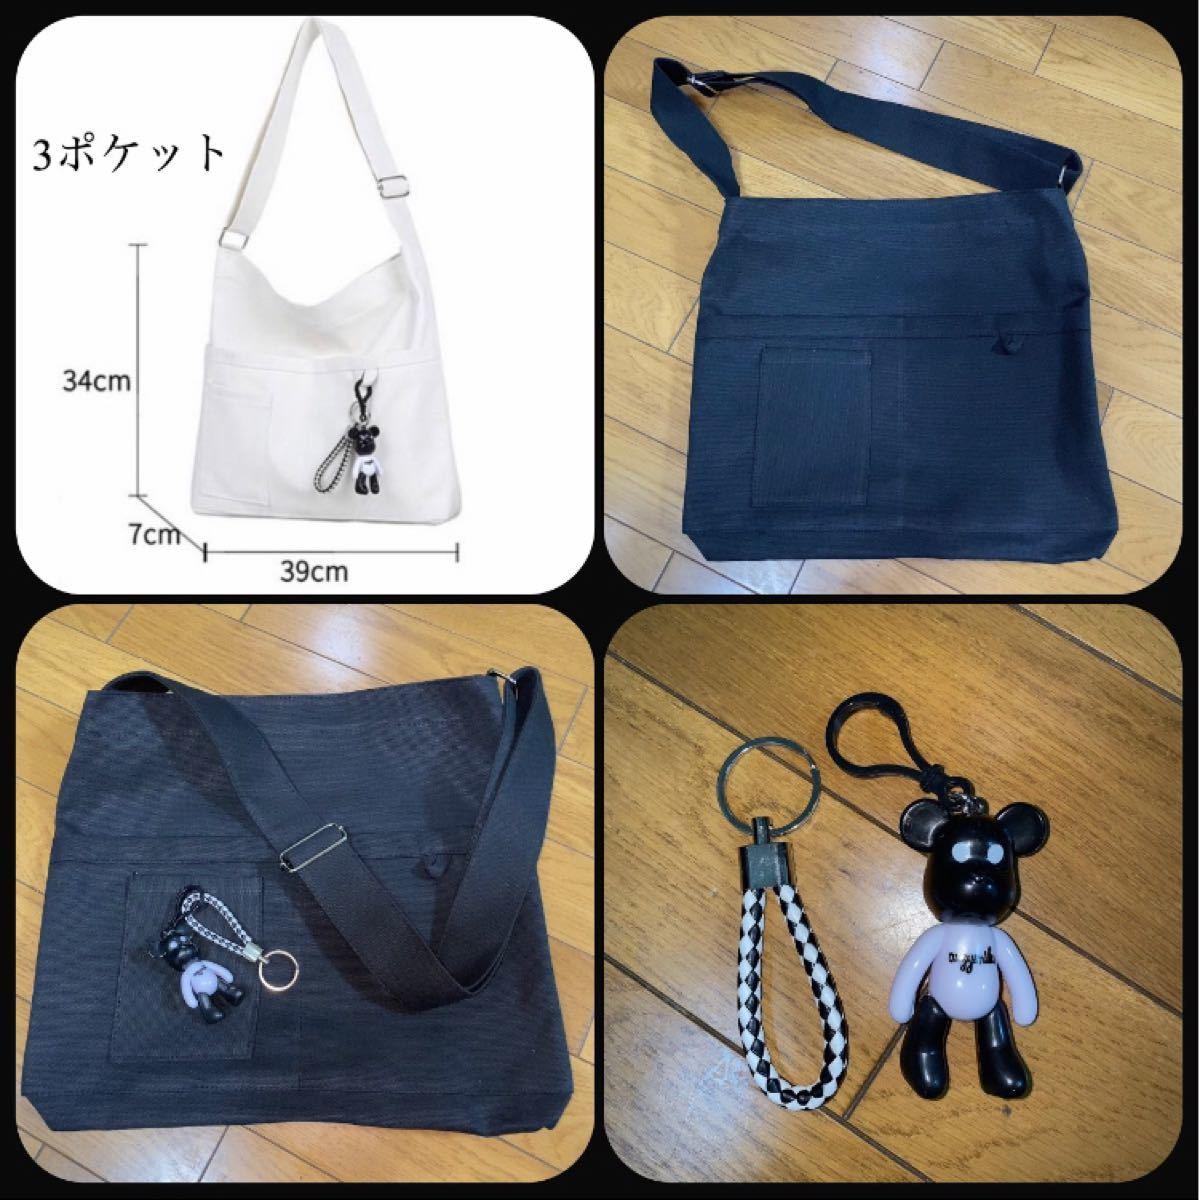 ショルダーバッグ トートバッグ マザーズバッグ エコバッグ キャンパスバッグ 帆布 男女兼用 韓国ファッション 黒 新品未使用